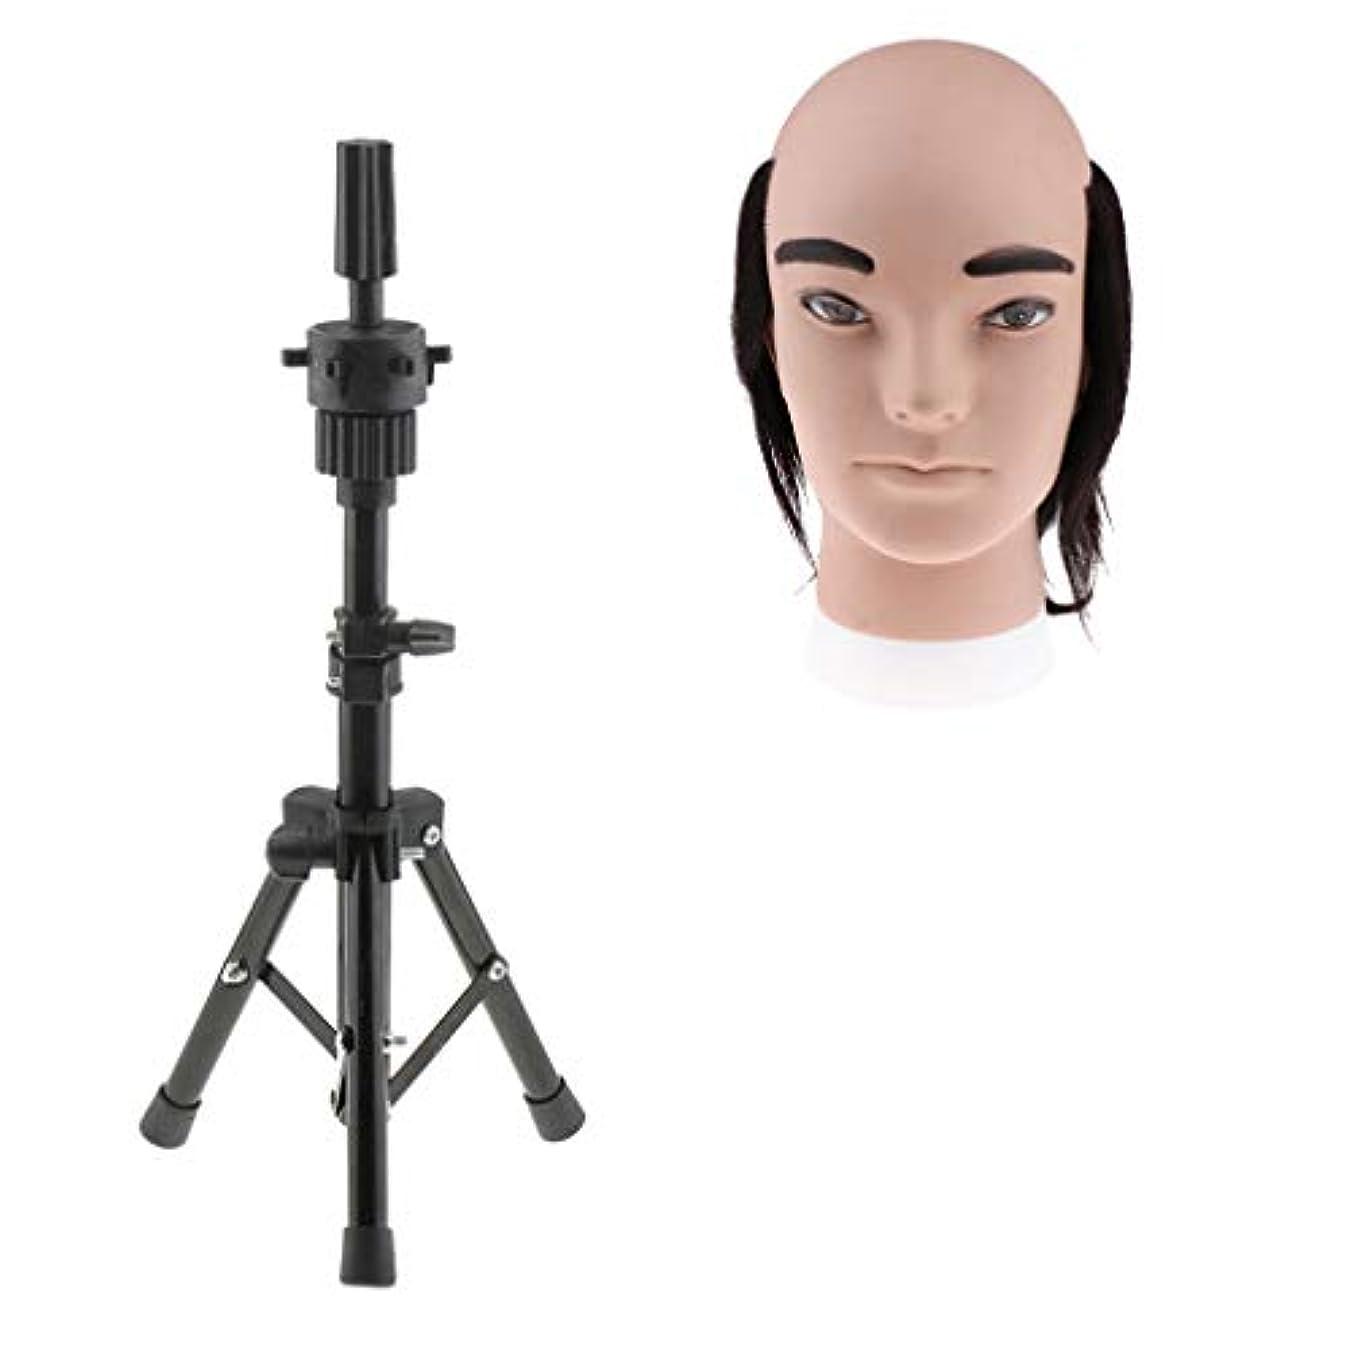 トレード維持フィードオンCUTICATE 人間の髪毛 男性 マネキン トレーニング マネキン美容人形 人形の頭付き三脚ホルダー